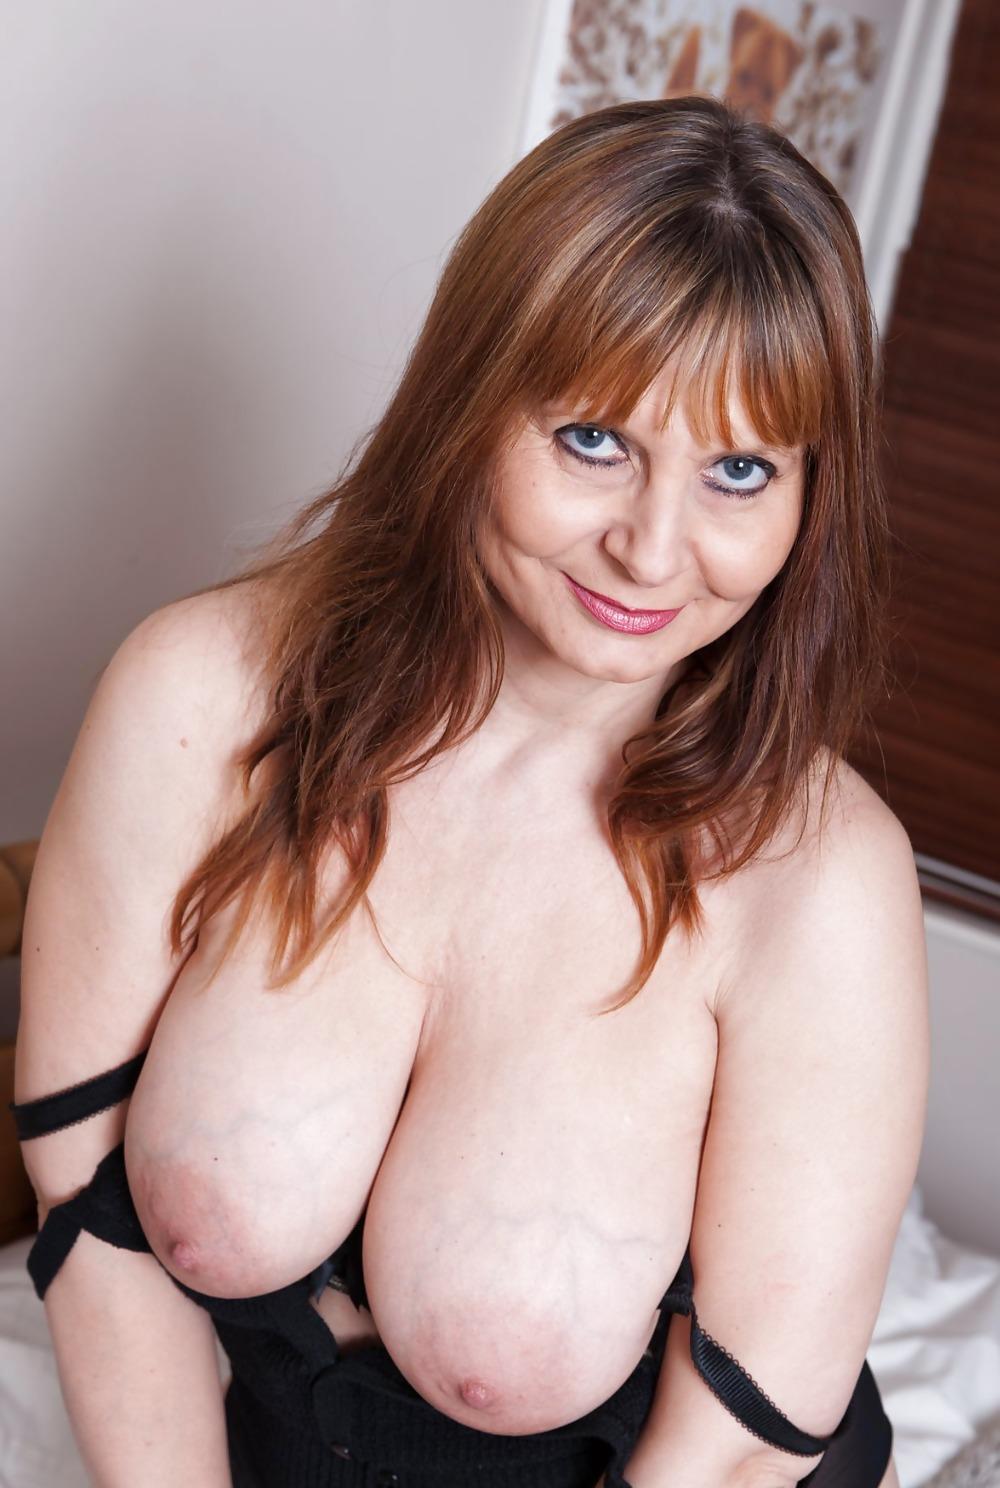 Фото зрелая сисястая секс форма женская